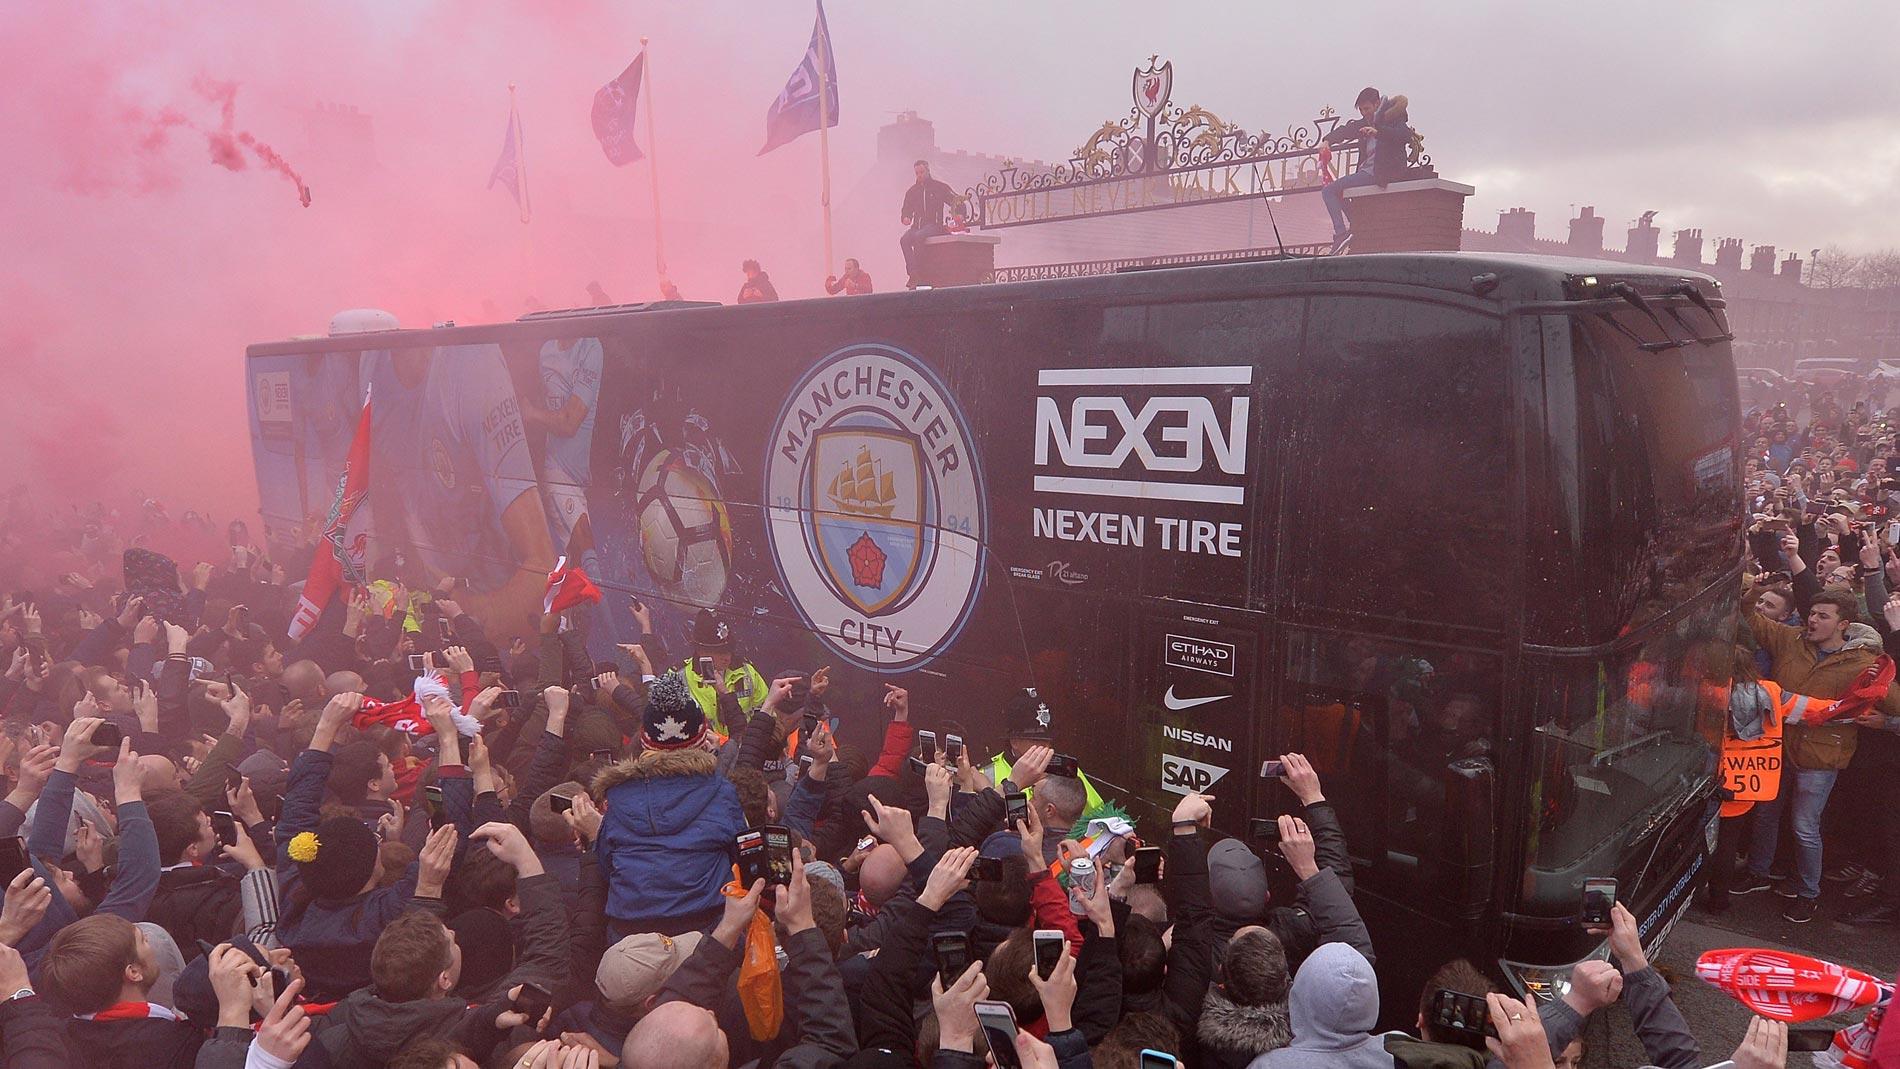 La UEFA abre un expediente al Liverpool por el lanzamiento de objetos al autobús del City